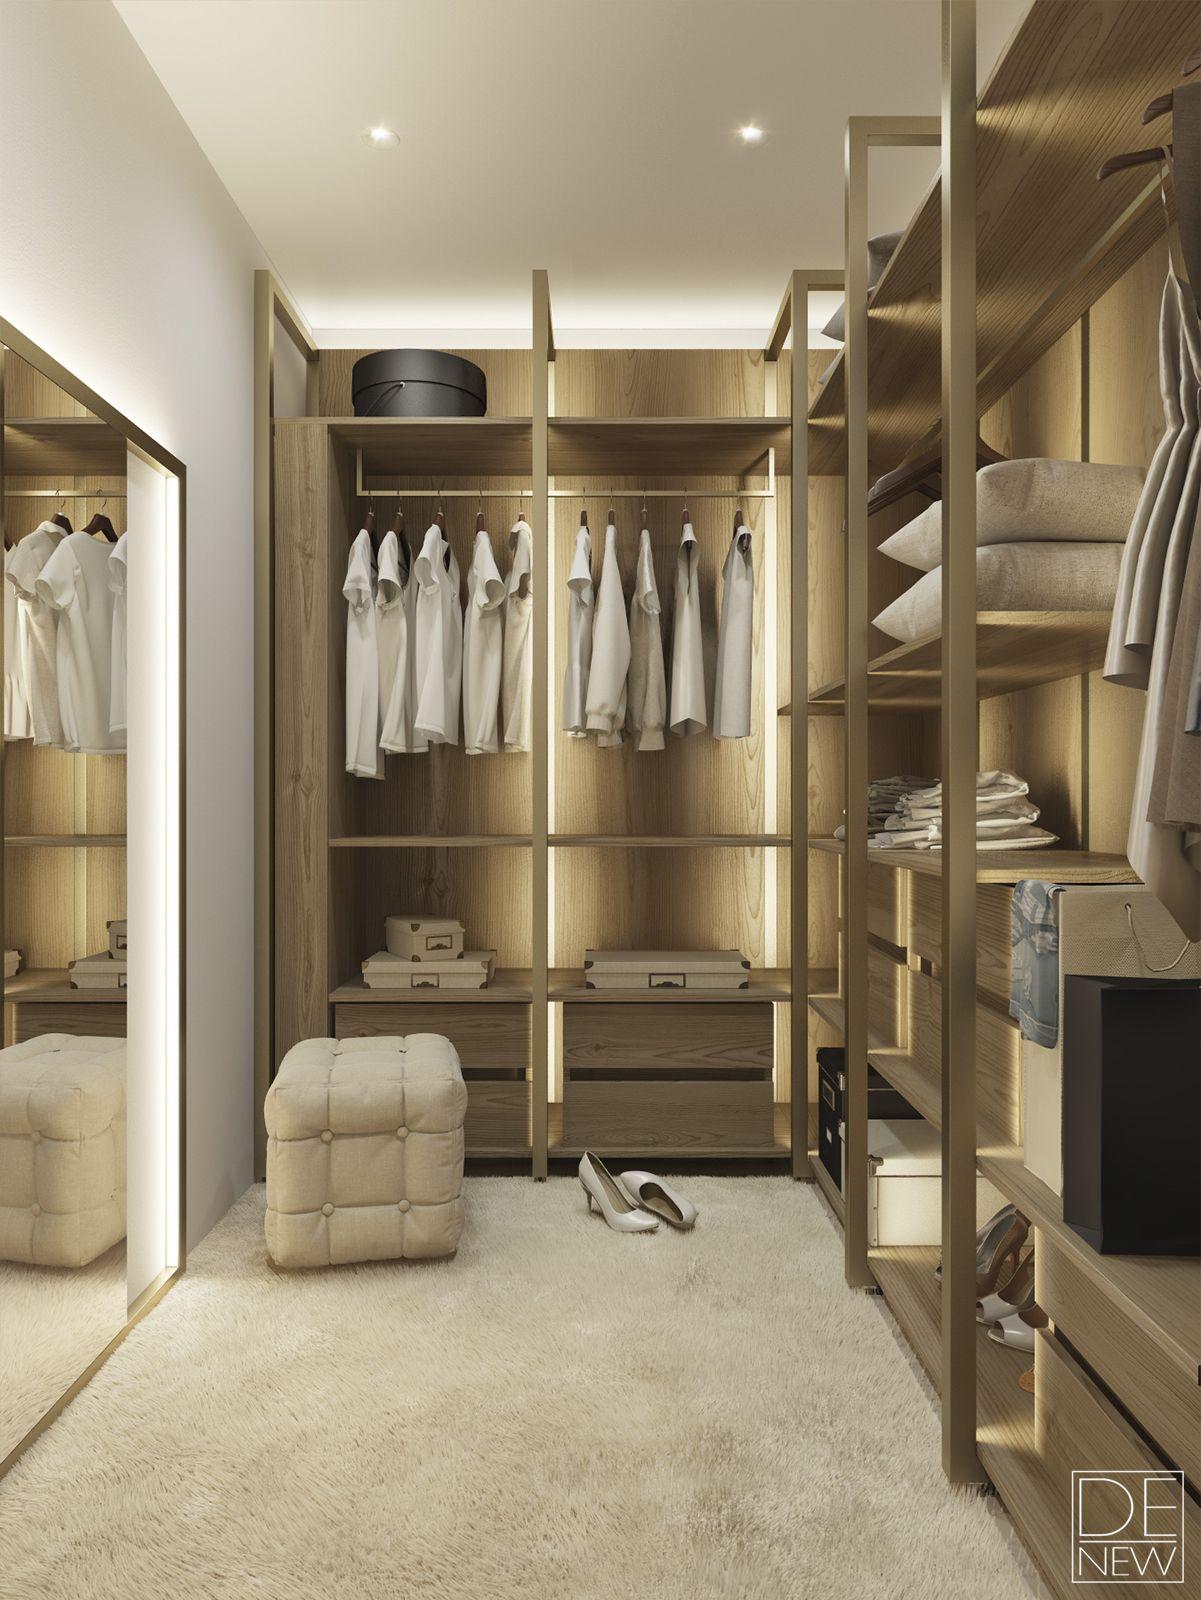 своих фото гардеробных комнат в квартире важный, него